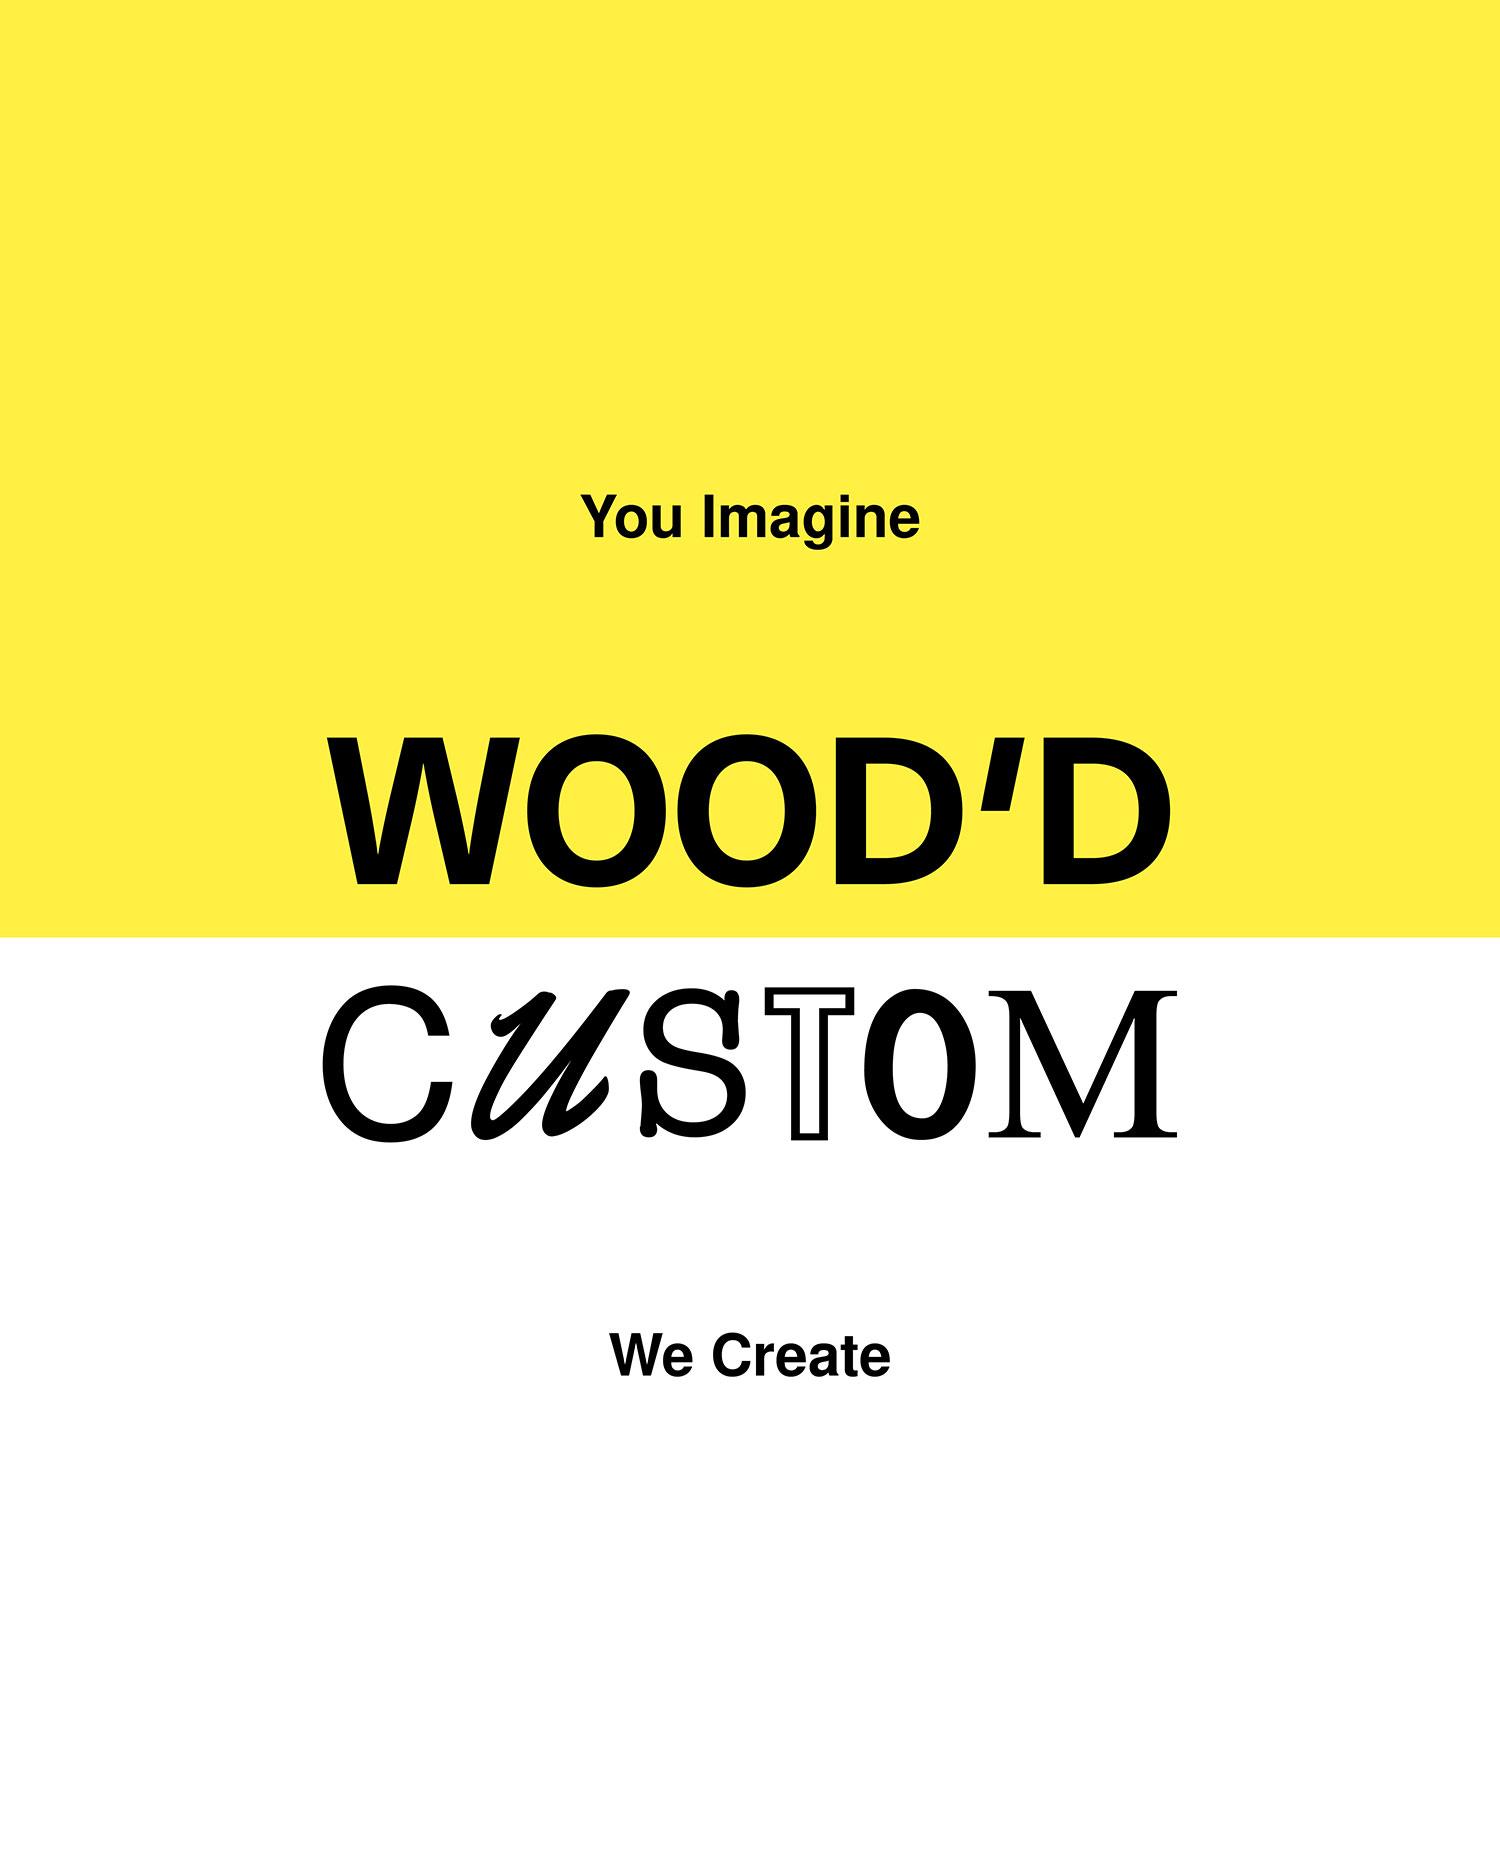 Wood'd Custom Products